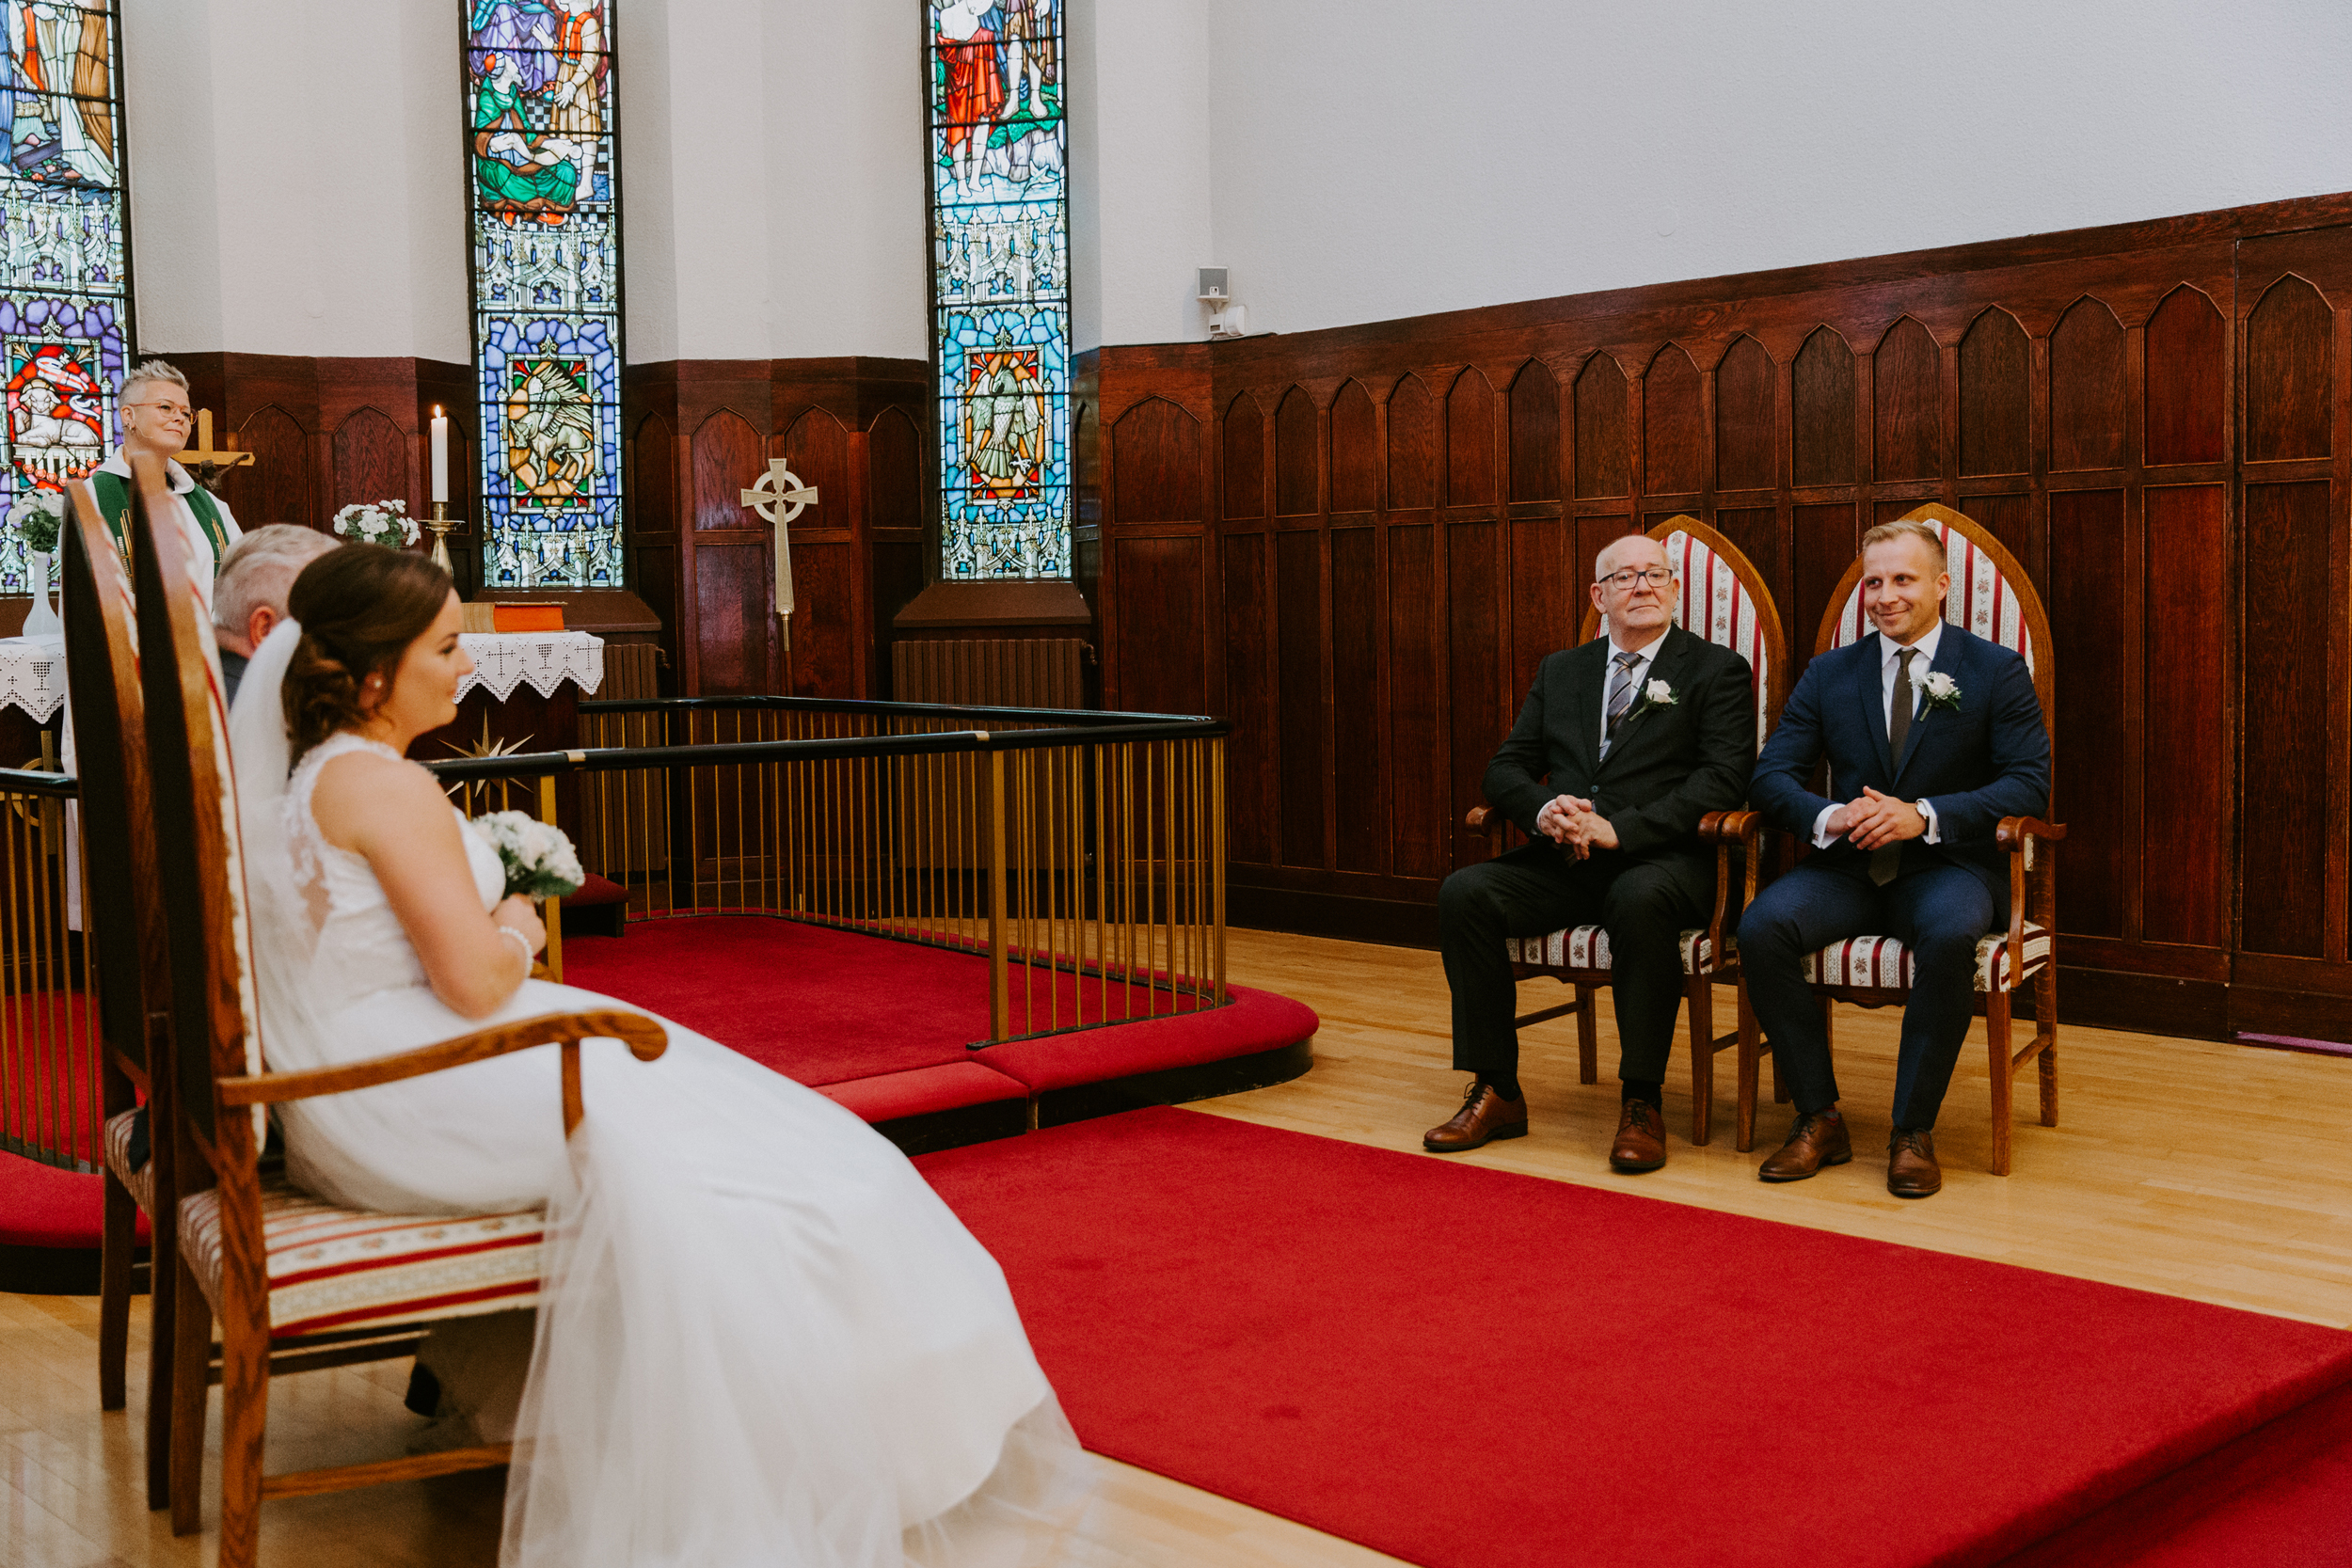 Brudkaup02-098.jpg